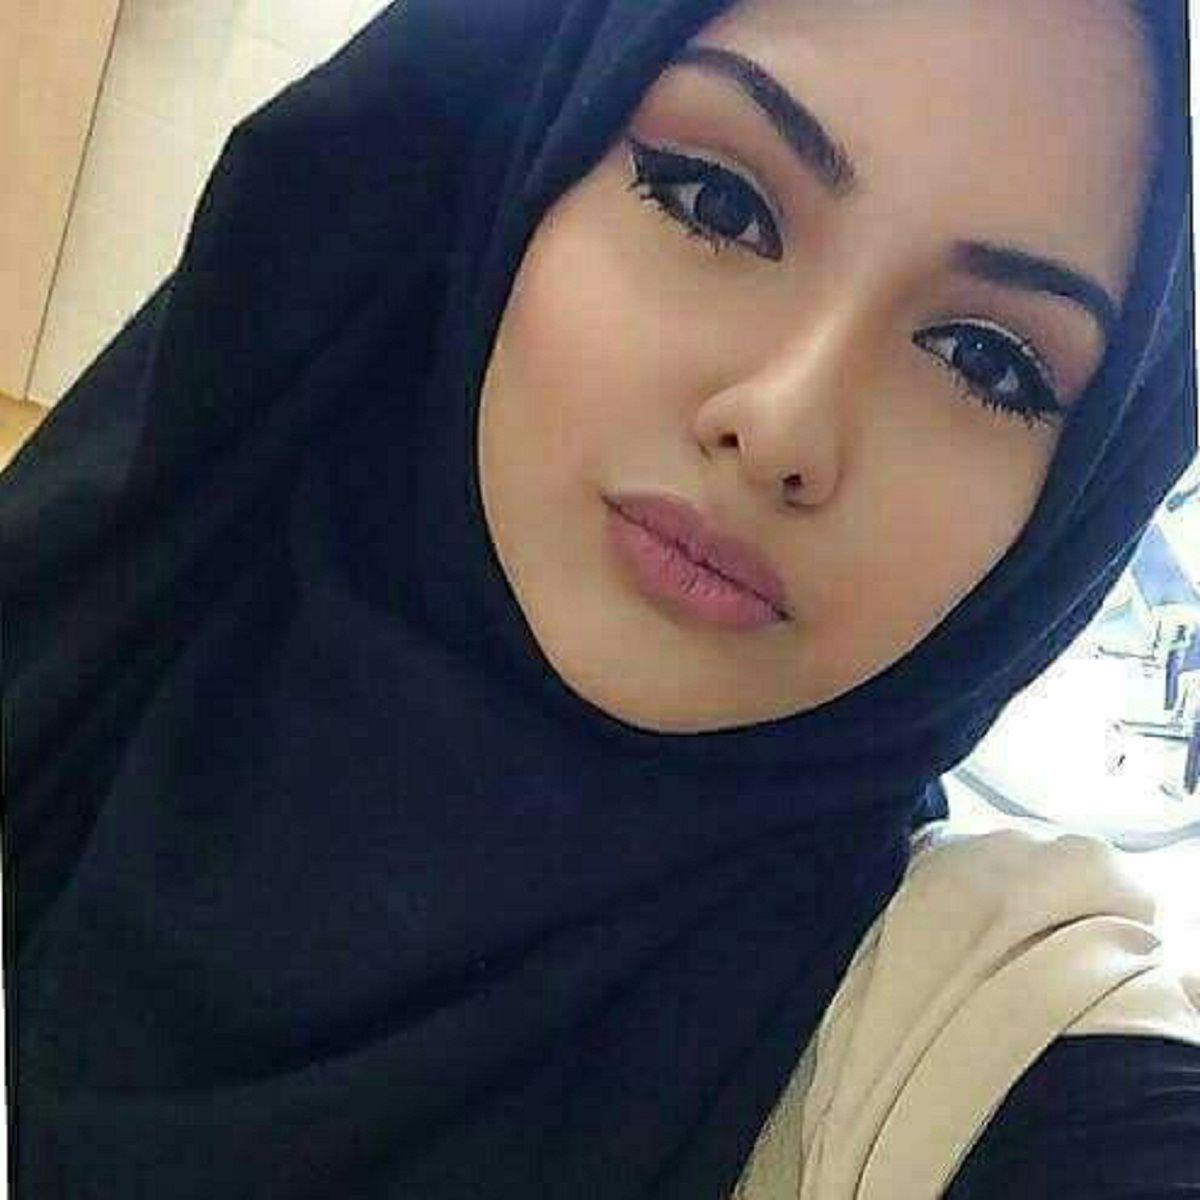 بالصور صور بنات السعوديه , اجمل الصور للبنت السعودية 1377 1